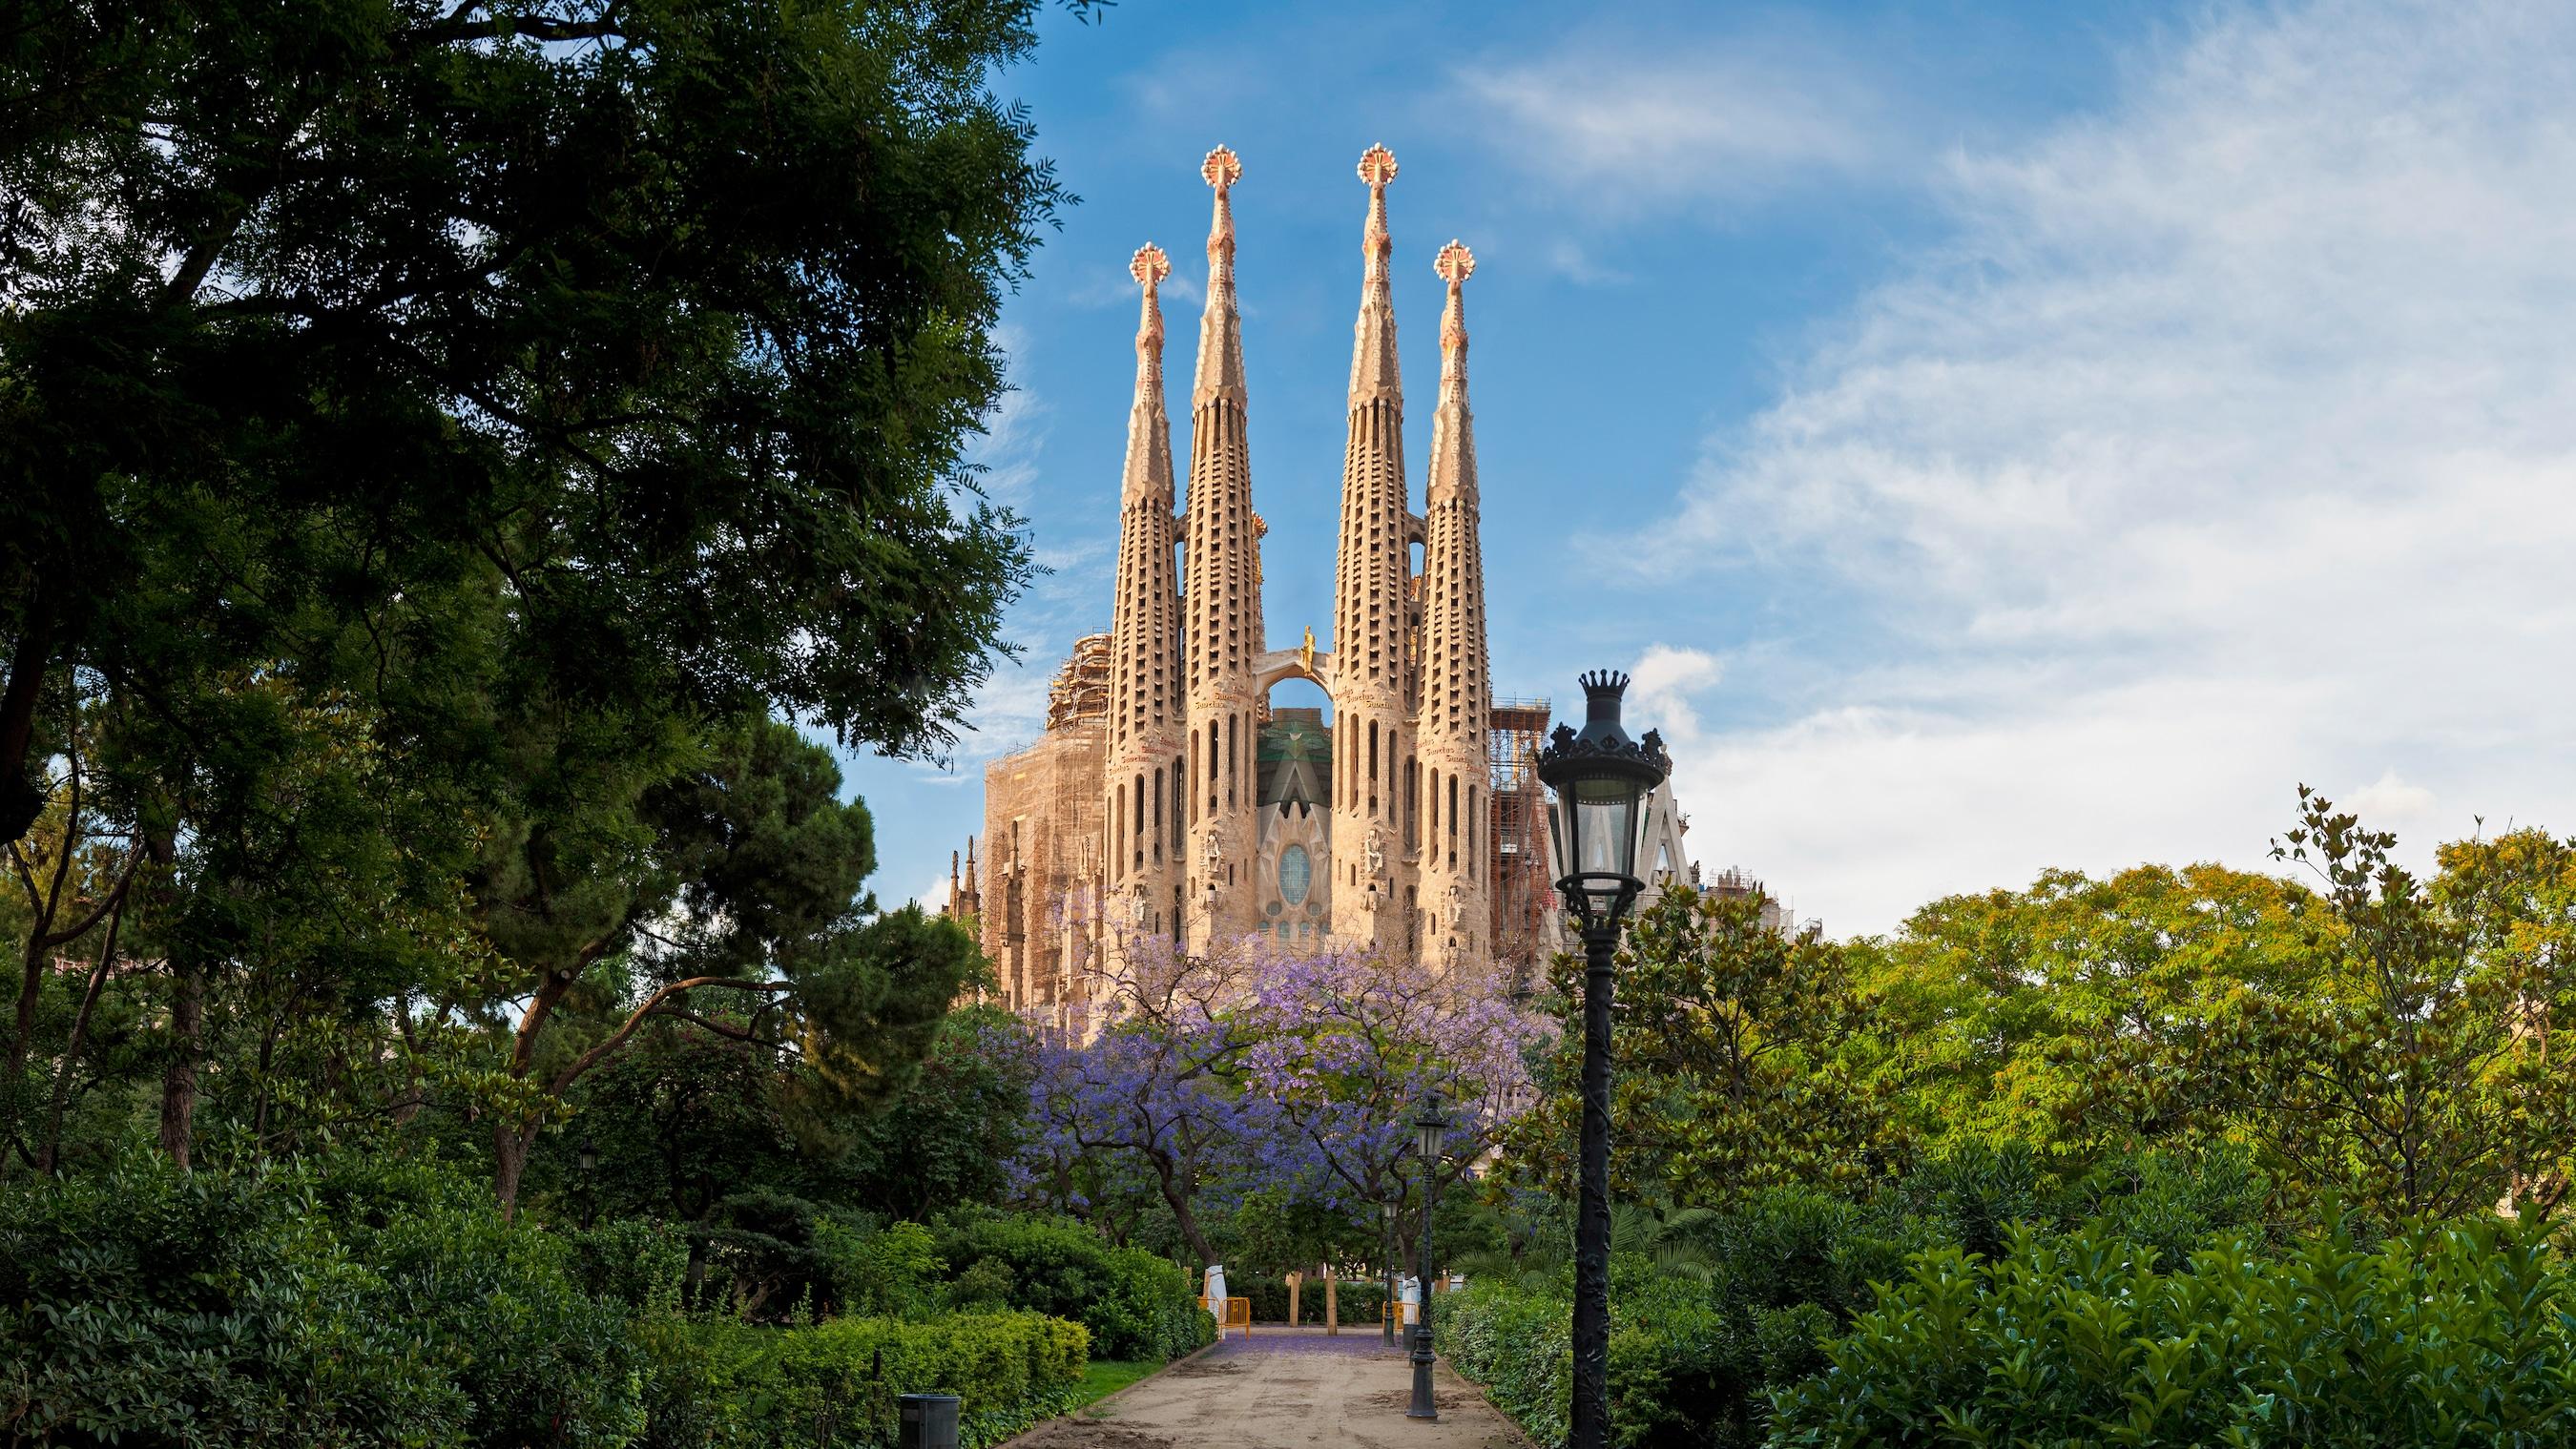 Las ricamente adornadas agujas de la Catedral de Barcelona se distinguen al final de un sendero revestido de exuberante vegetación